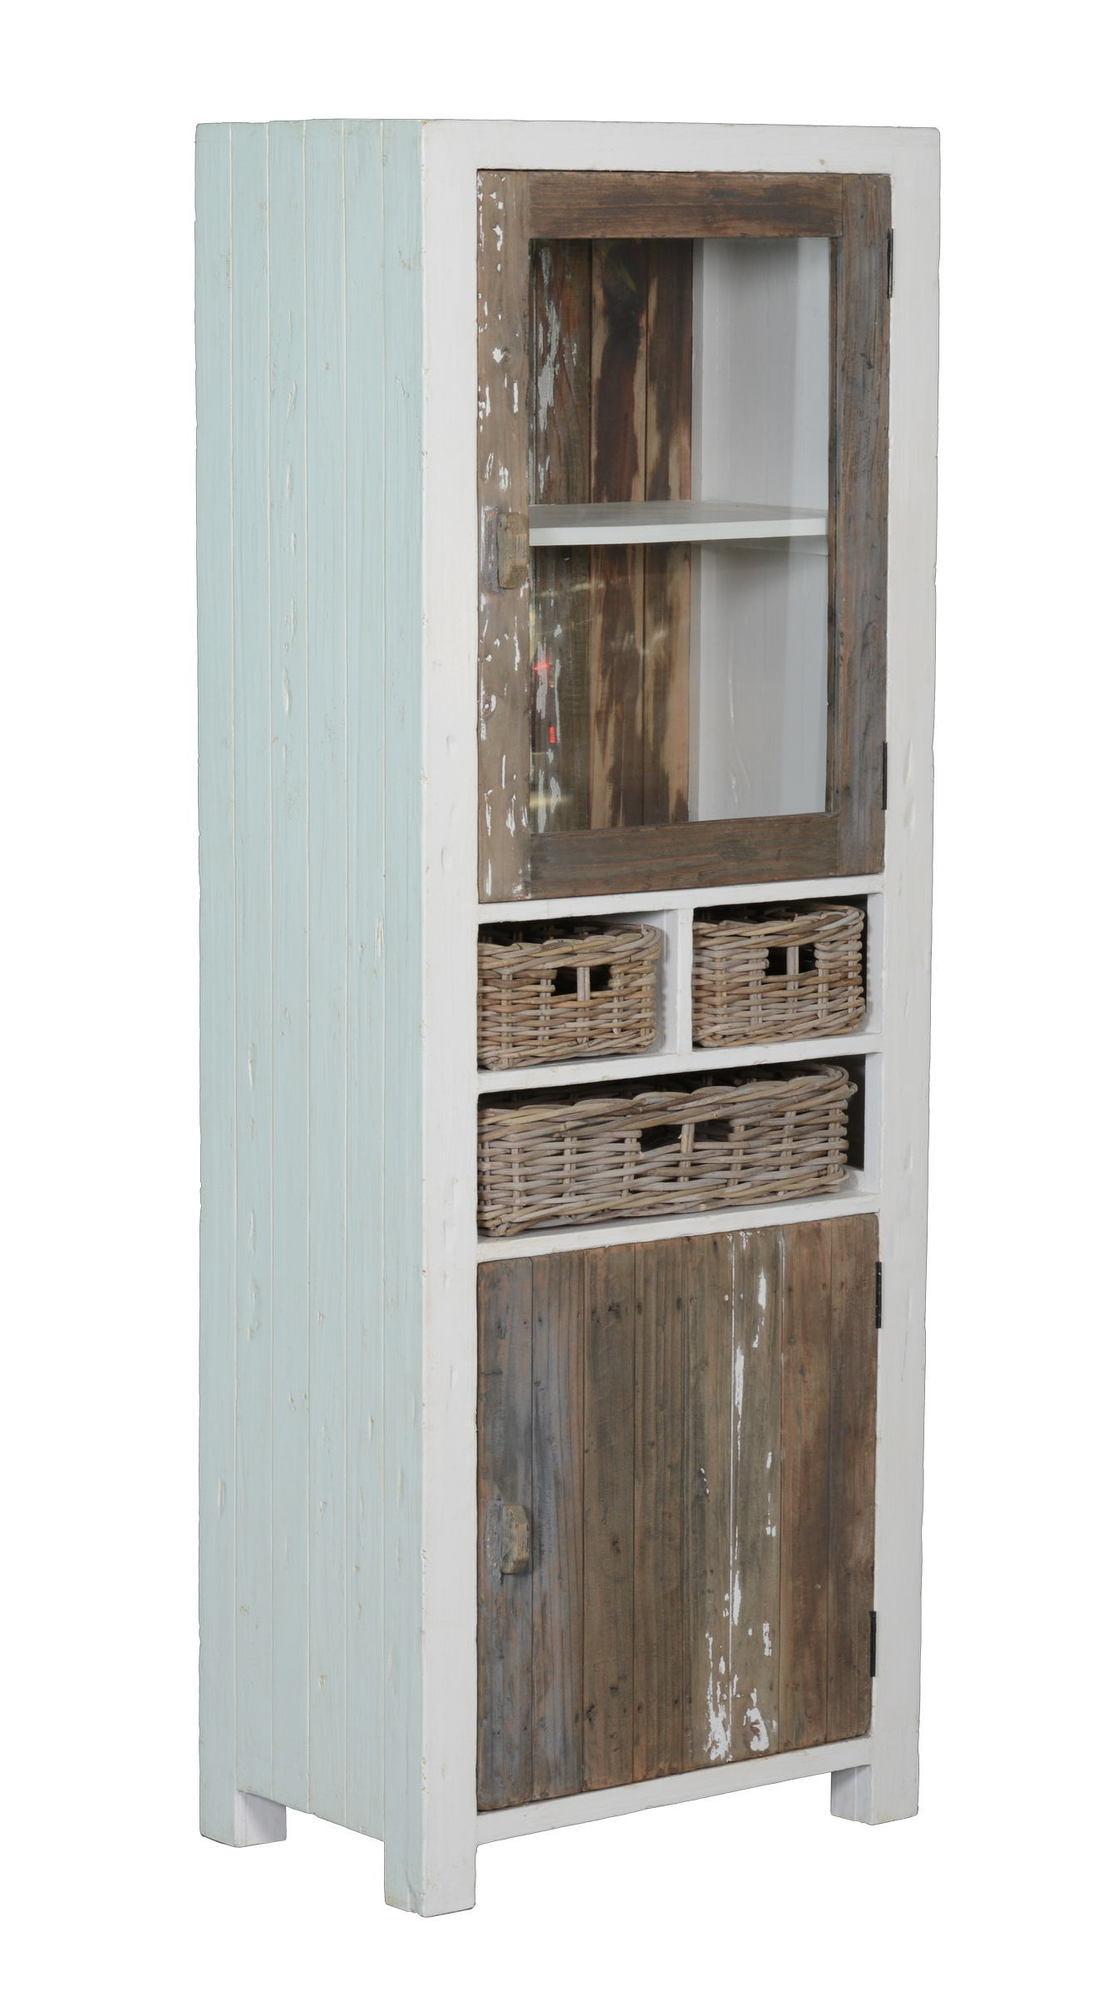 kasten-daan-vitrinekast-towerliving-KL 0104-70cm-grenen-oud wit-grijs-vintage-mandjes